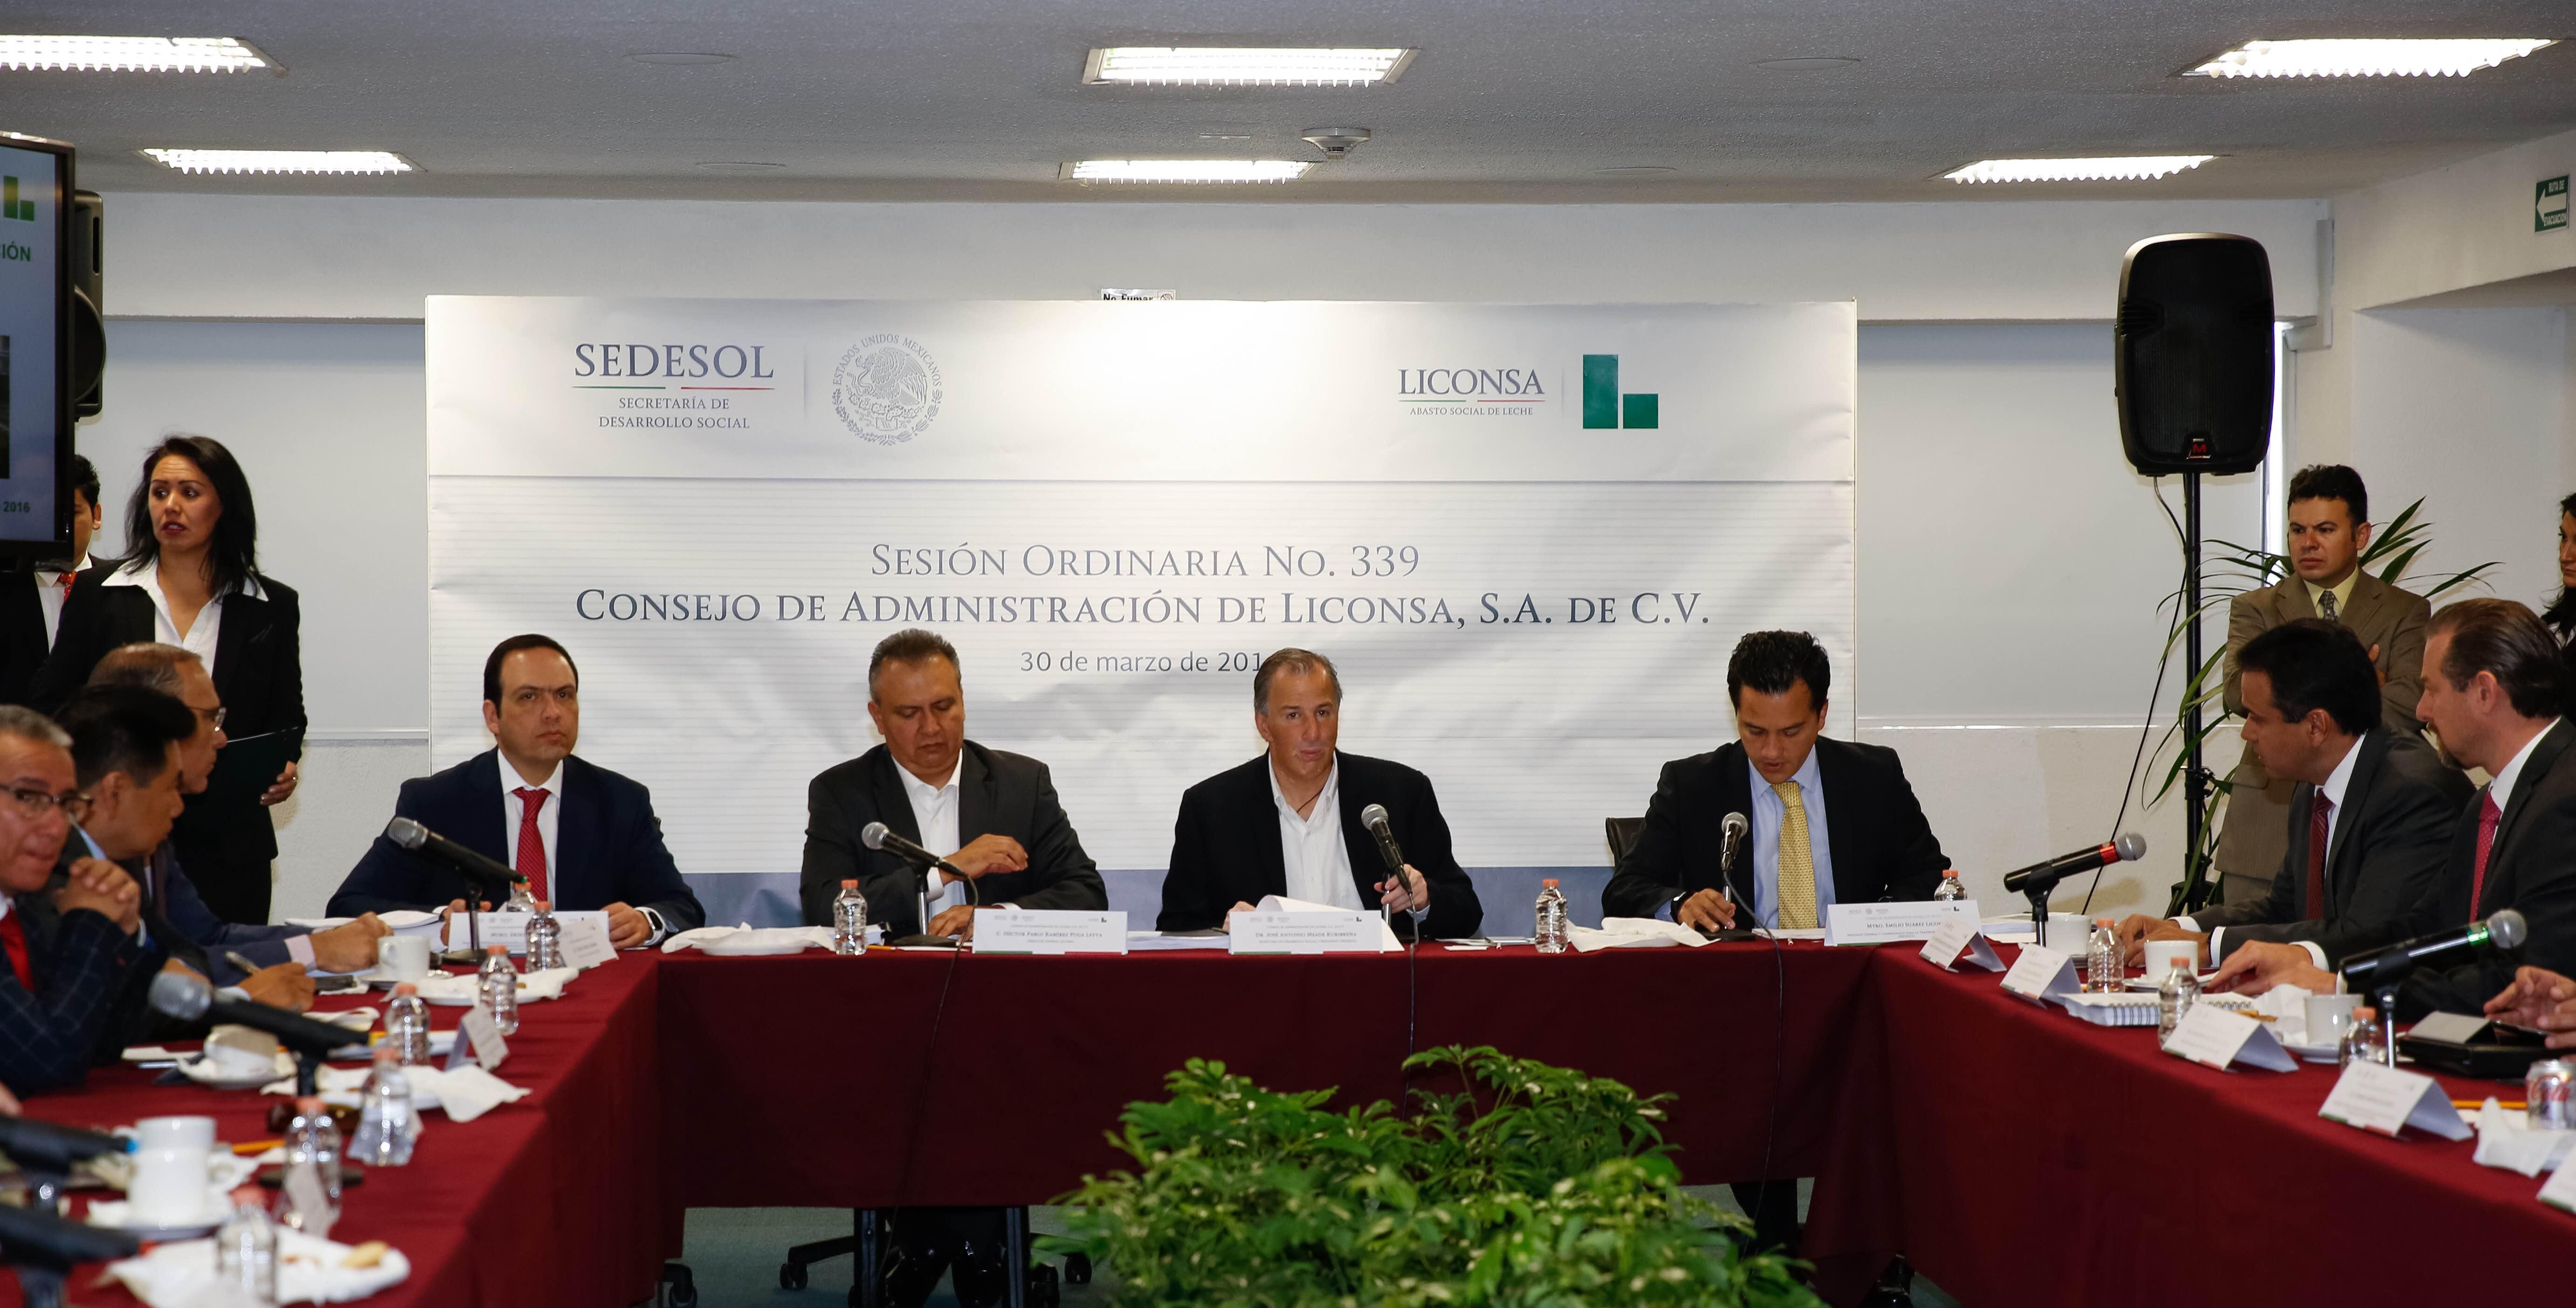 El secretario de Desarrollo Social presidió la Sesión Ordinaria del Consejo de Administración de Liconsa